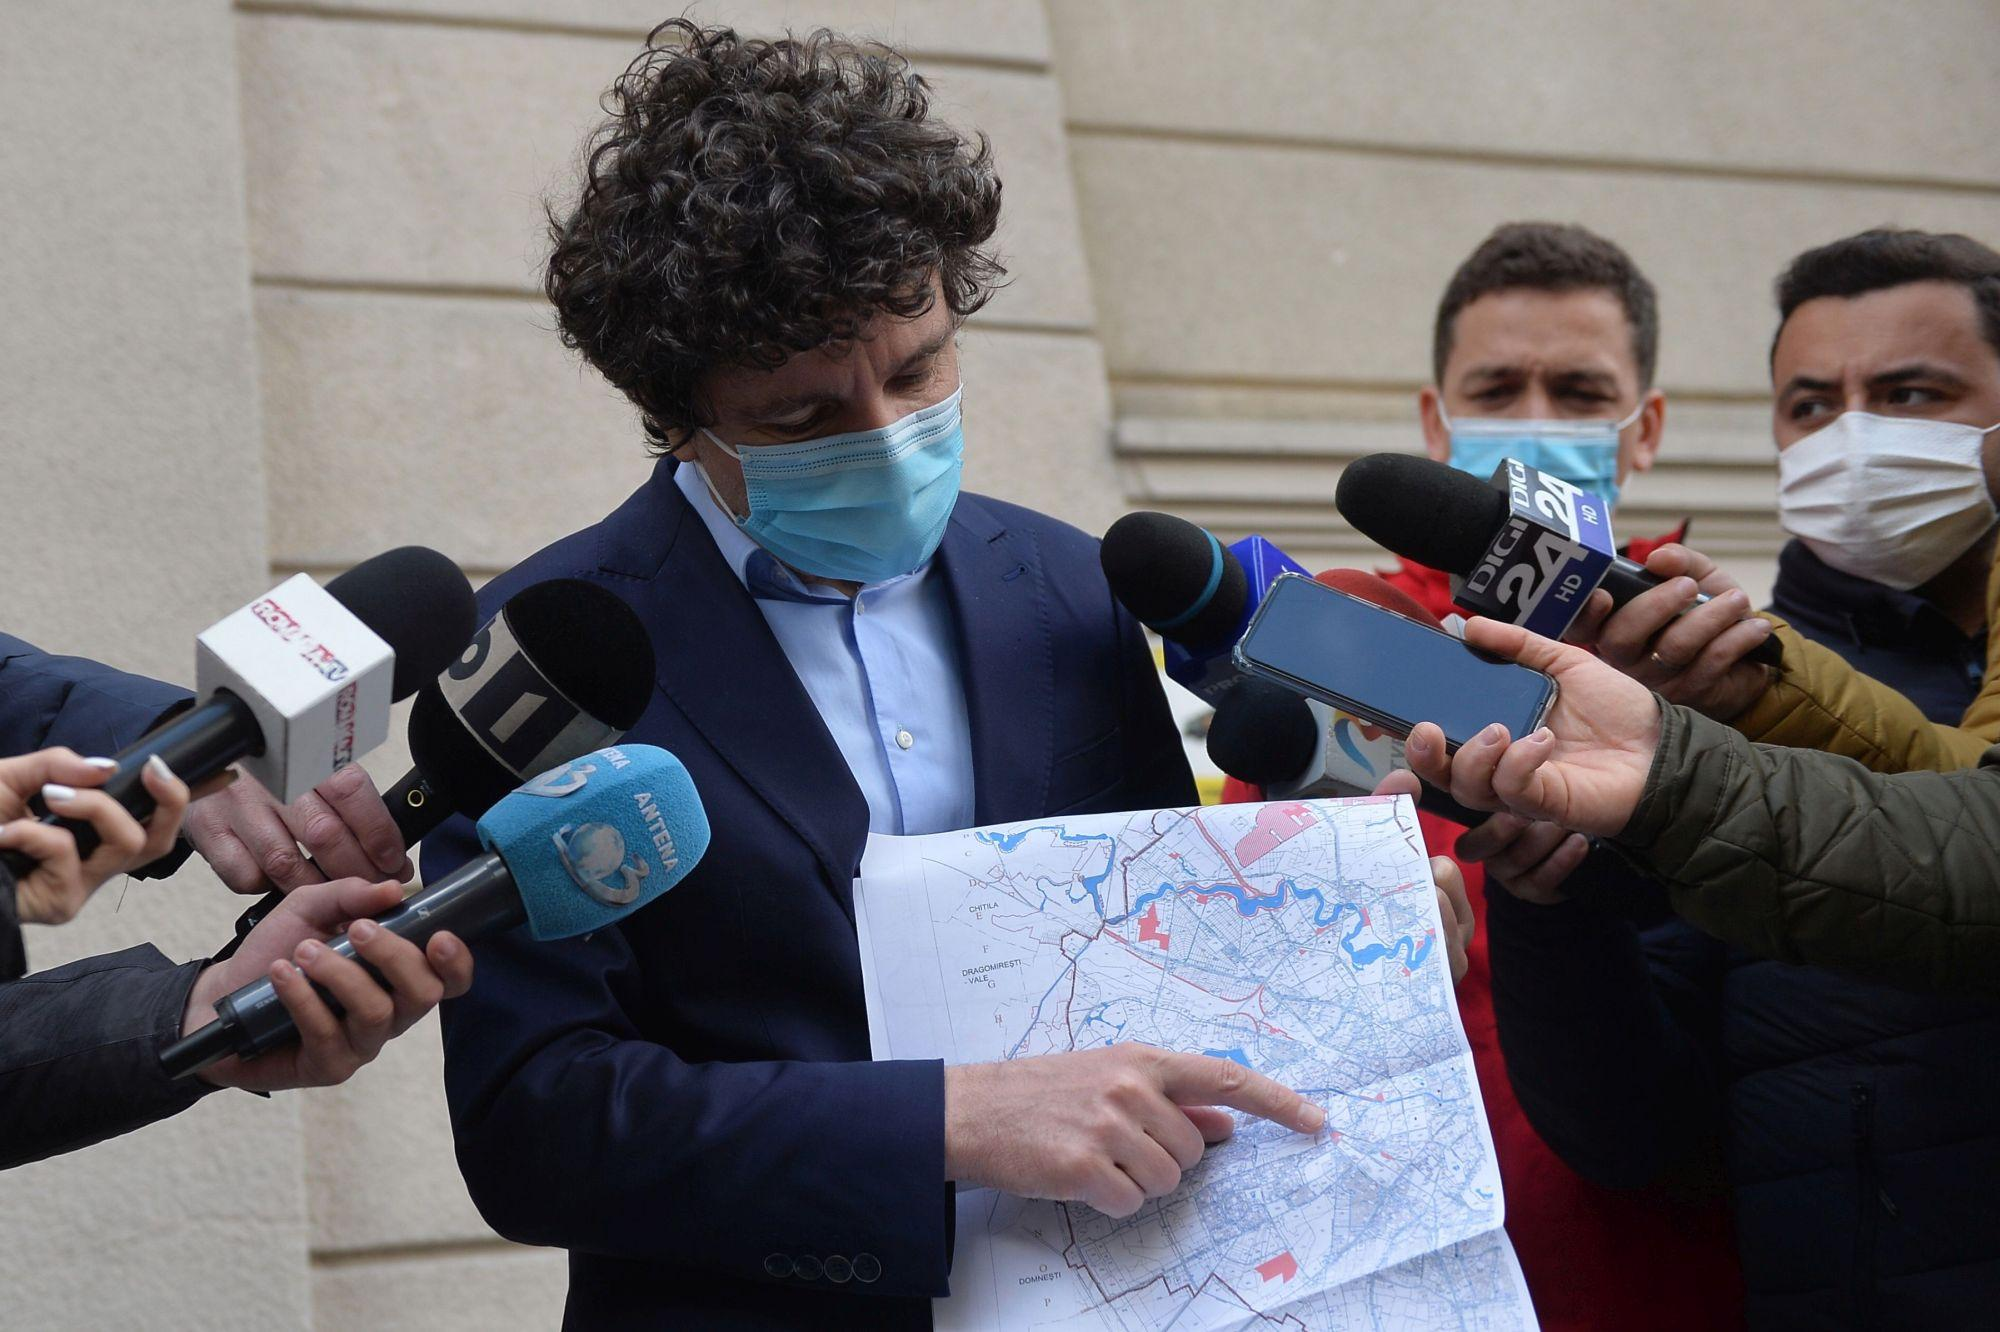 Nicușor Dan a anunțat că începe al patrulea tratament anti-țânțari din 2021 și lumea a ieșit la bâză pe Facebook: M-am speriat, am crezut ca începe Al Patrulea Val